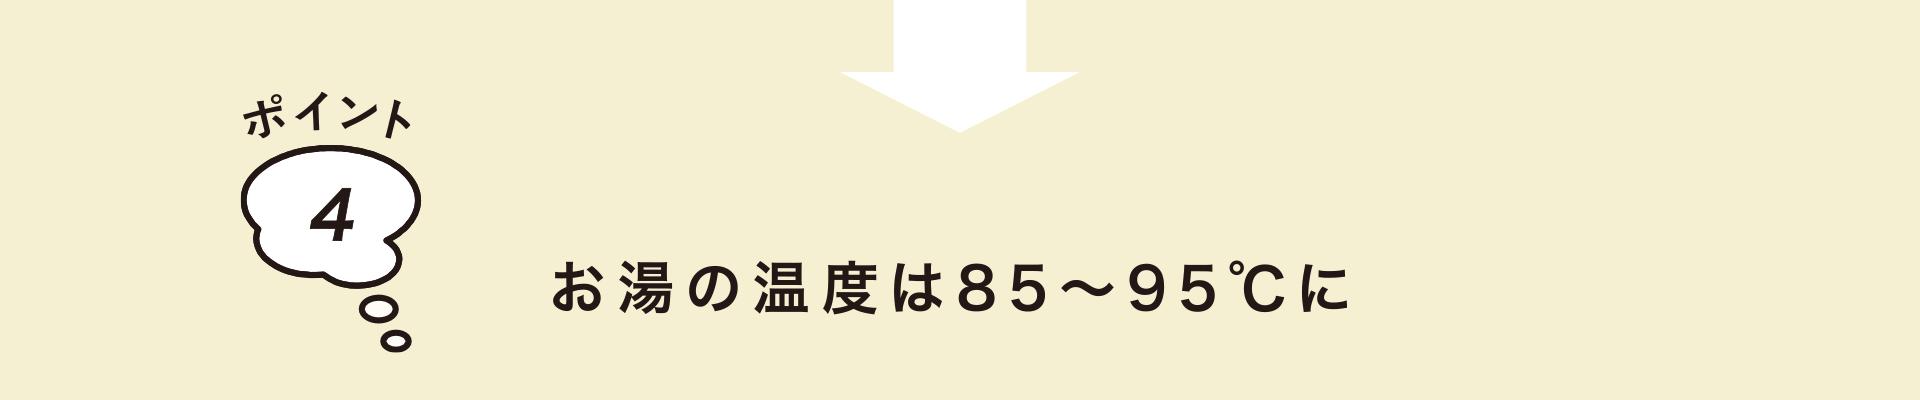 ポイント4 お湯の温度は85〜95℃に